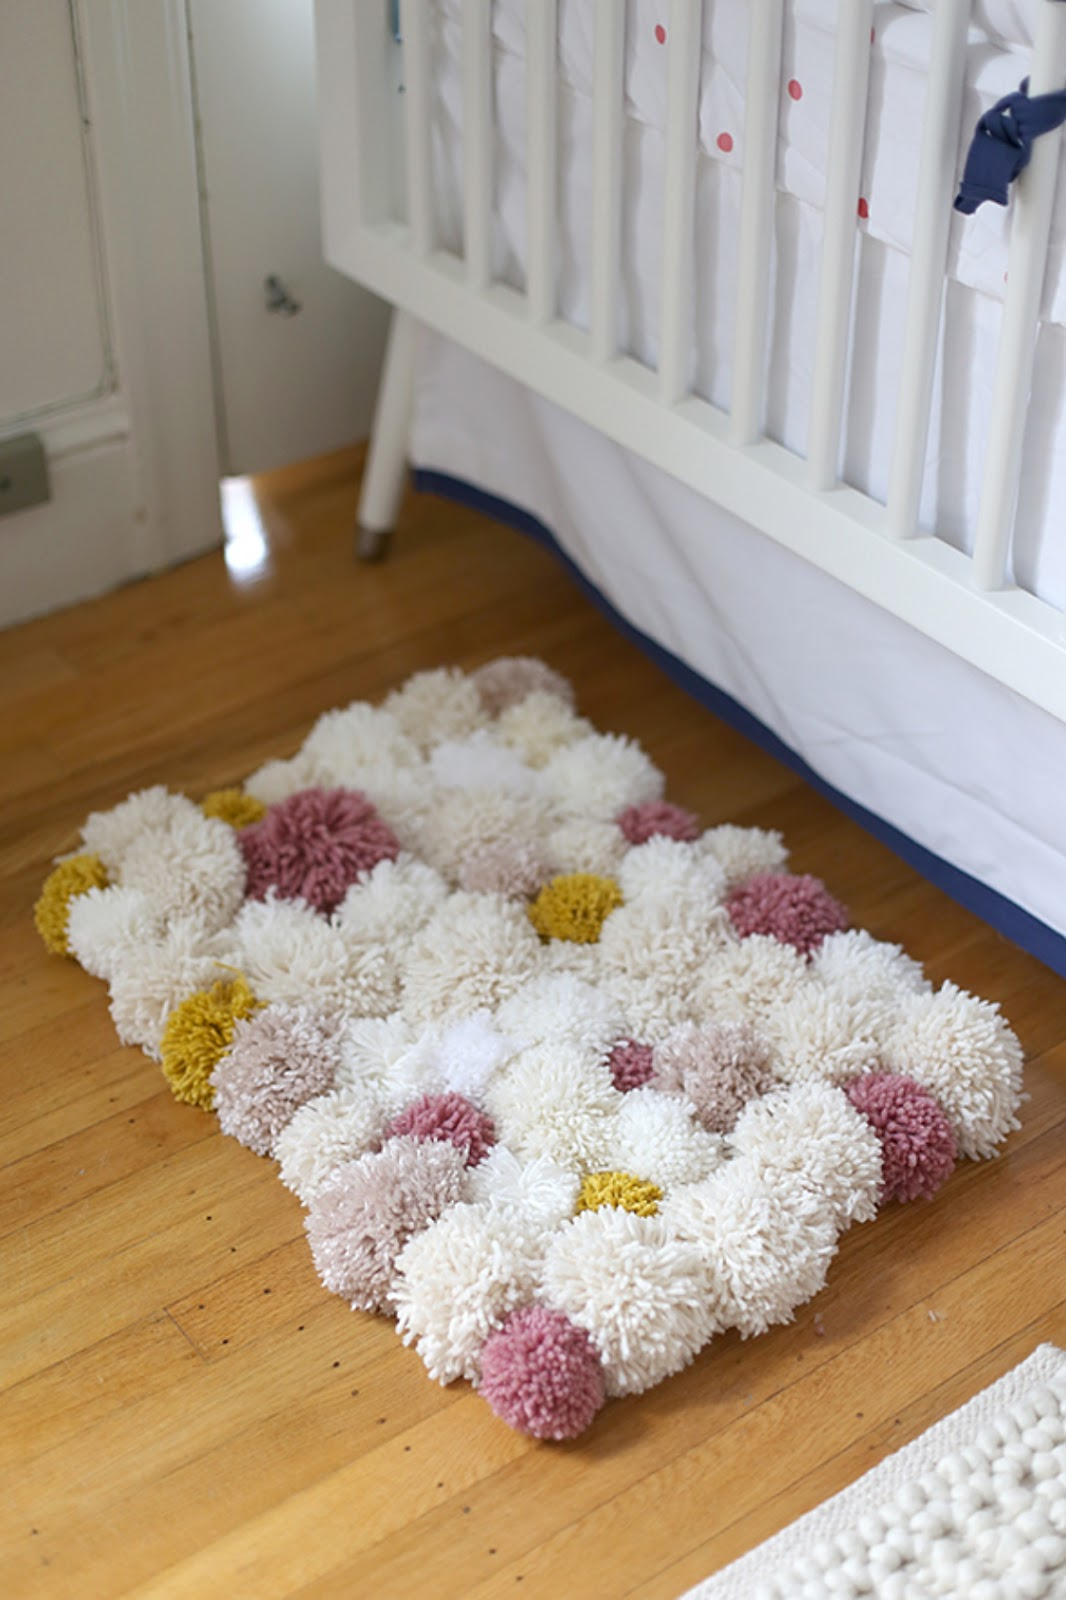 Прикроватный коврик из помпонов